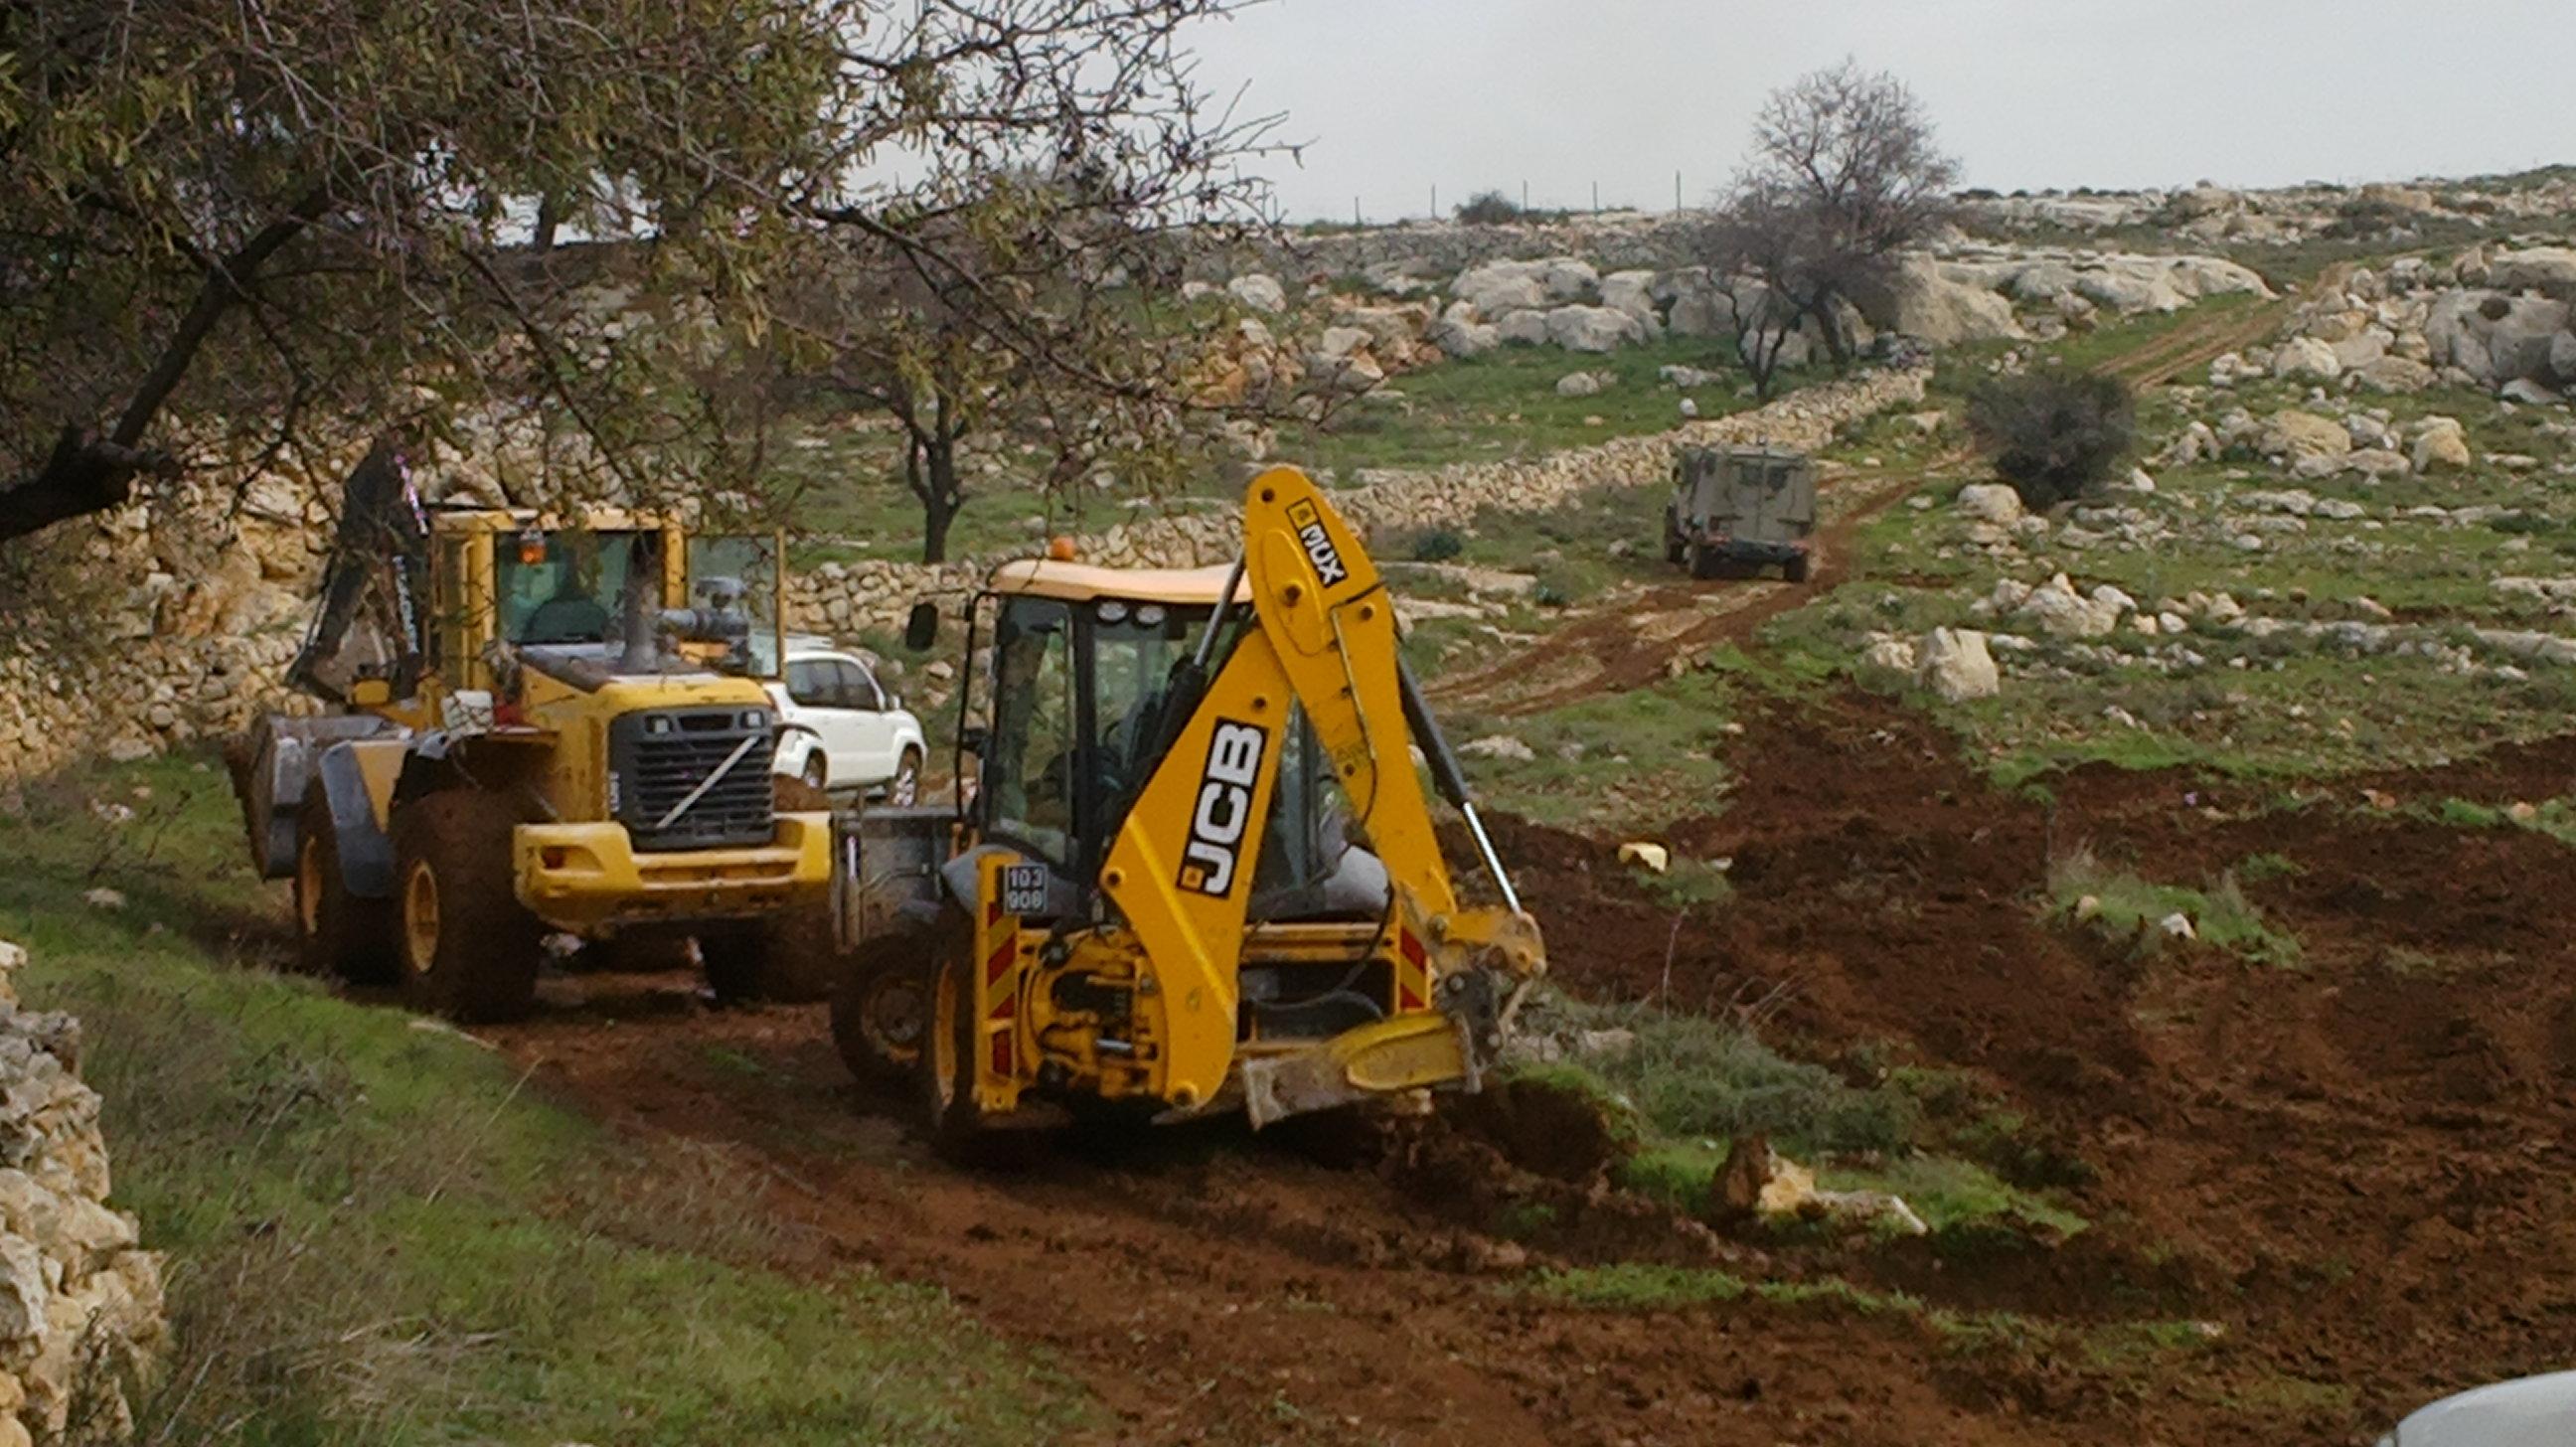 جرافات الاحتلال الإسرائيلي تبدأ فى شق طريق استيطانى لتوسيع بؤرة شمال الضفة الغربية